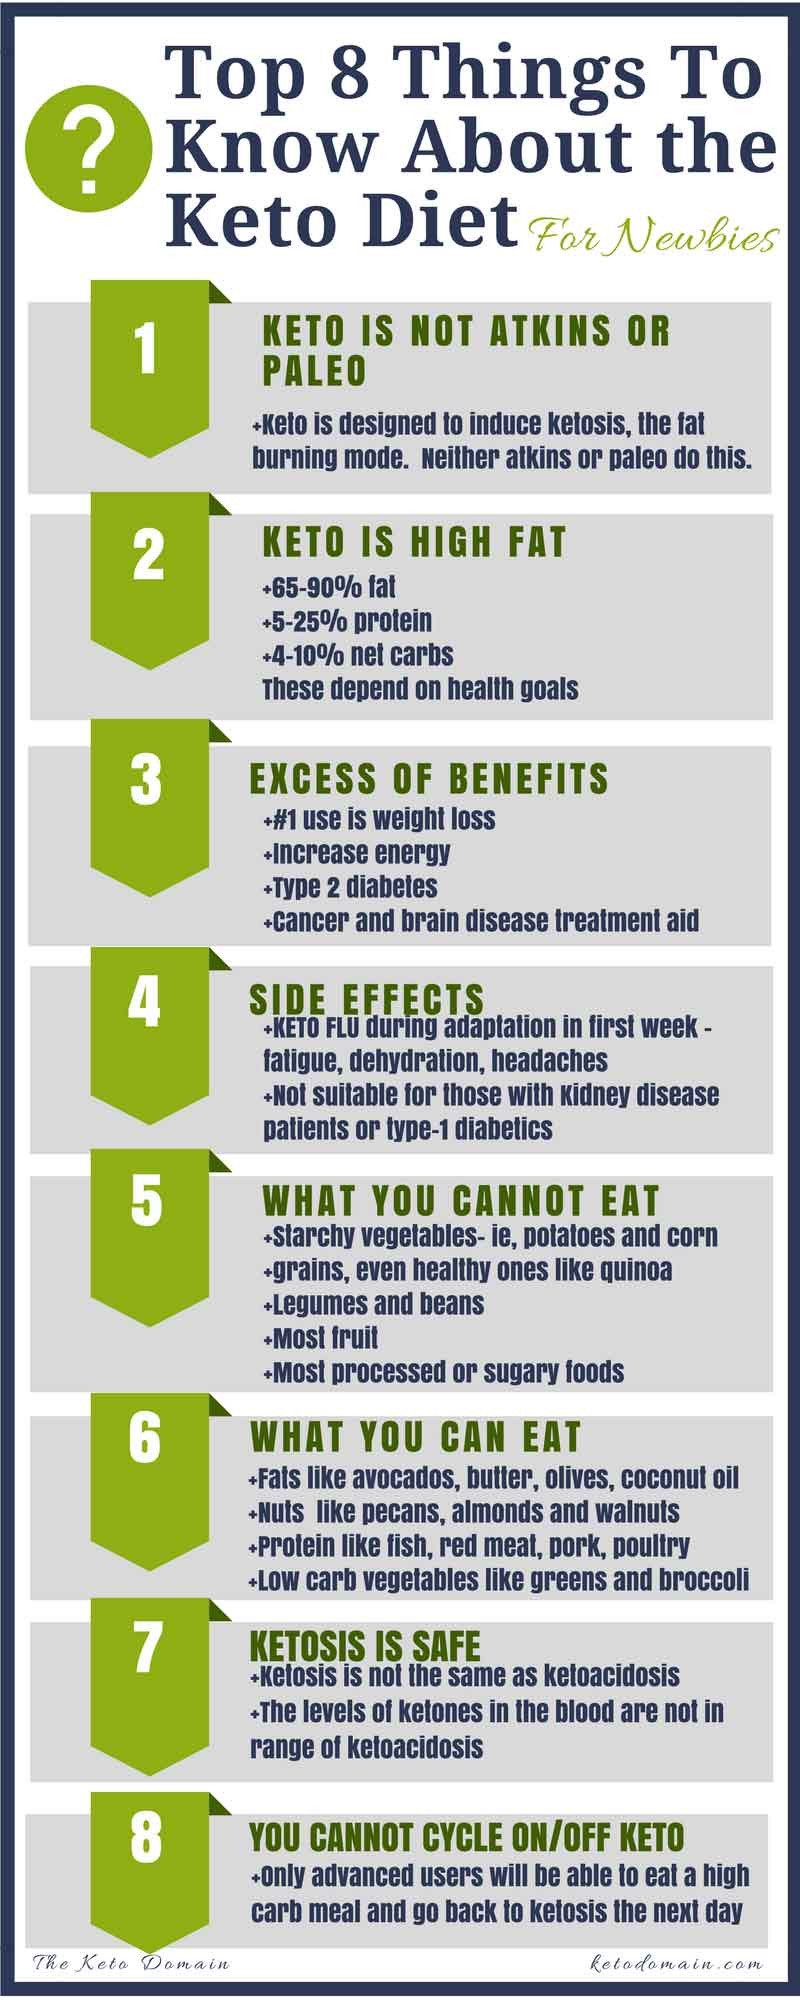 How To Keto Diet For Beginners  plete Beginner s Guide to Ketogenic Diet